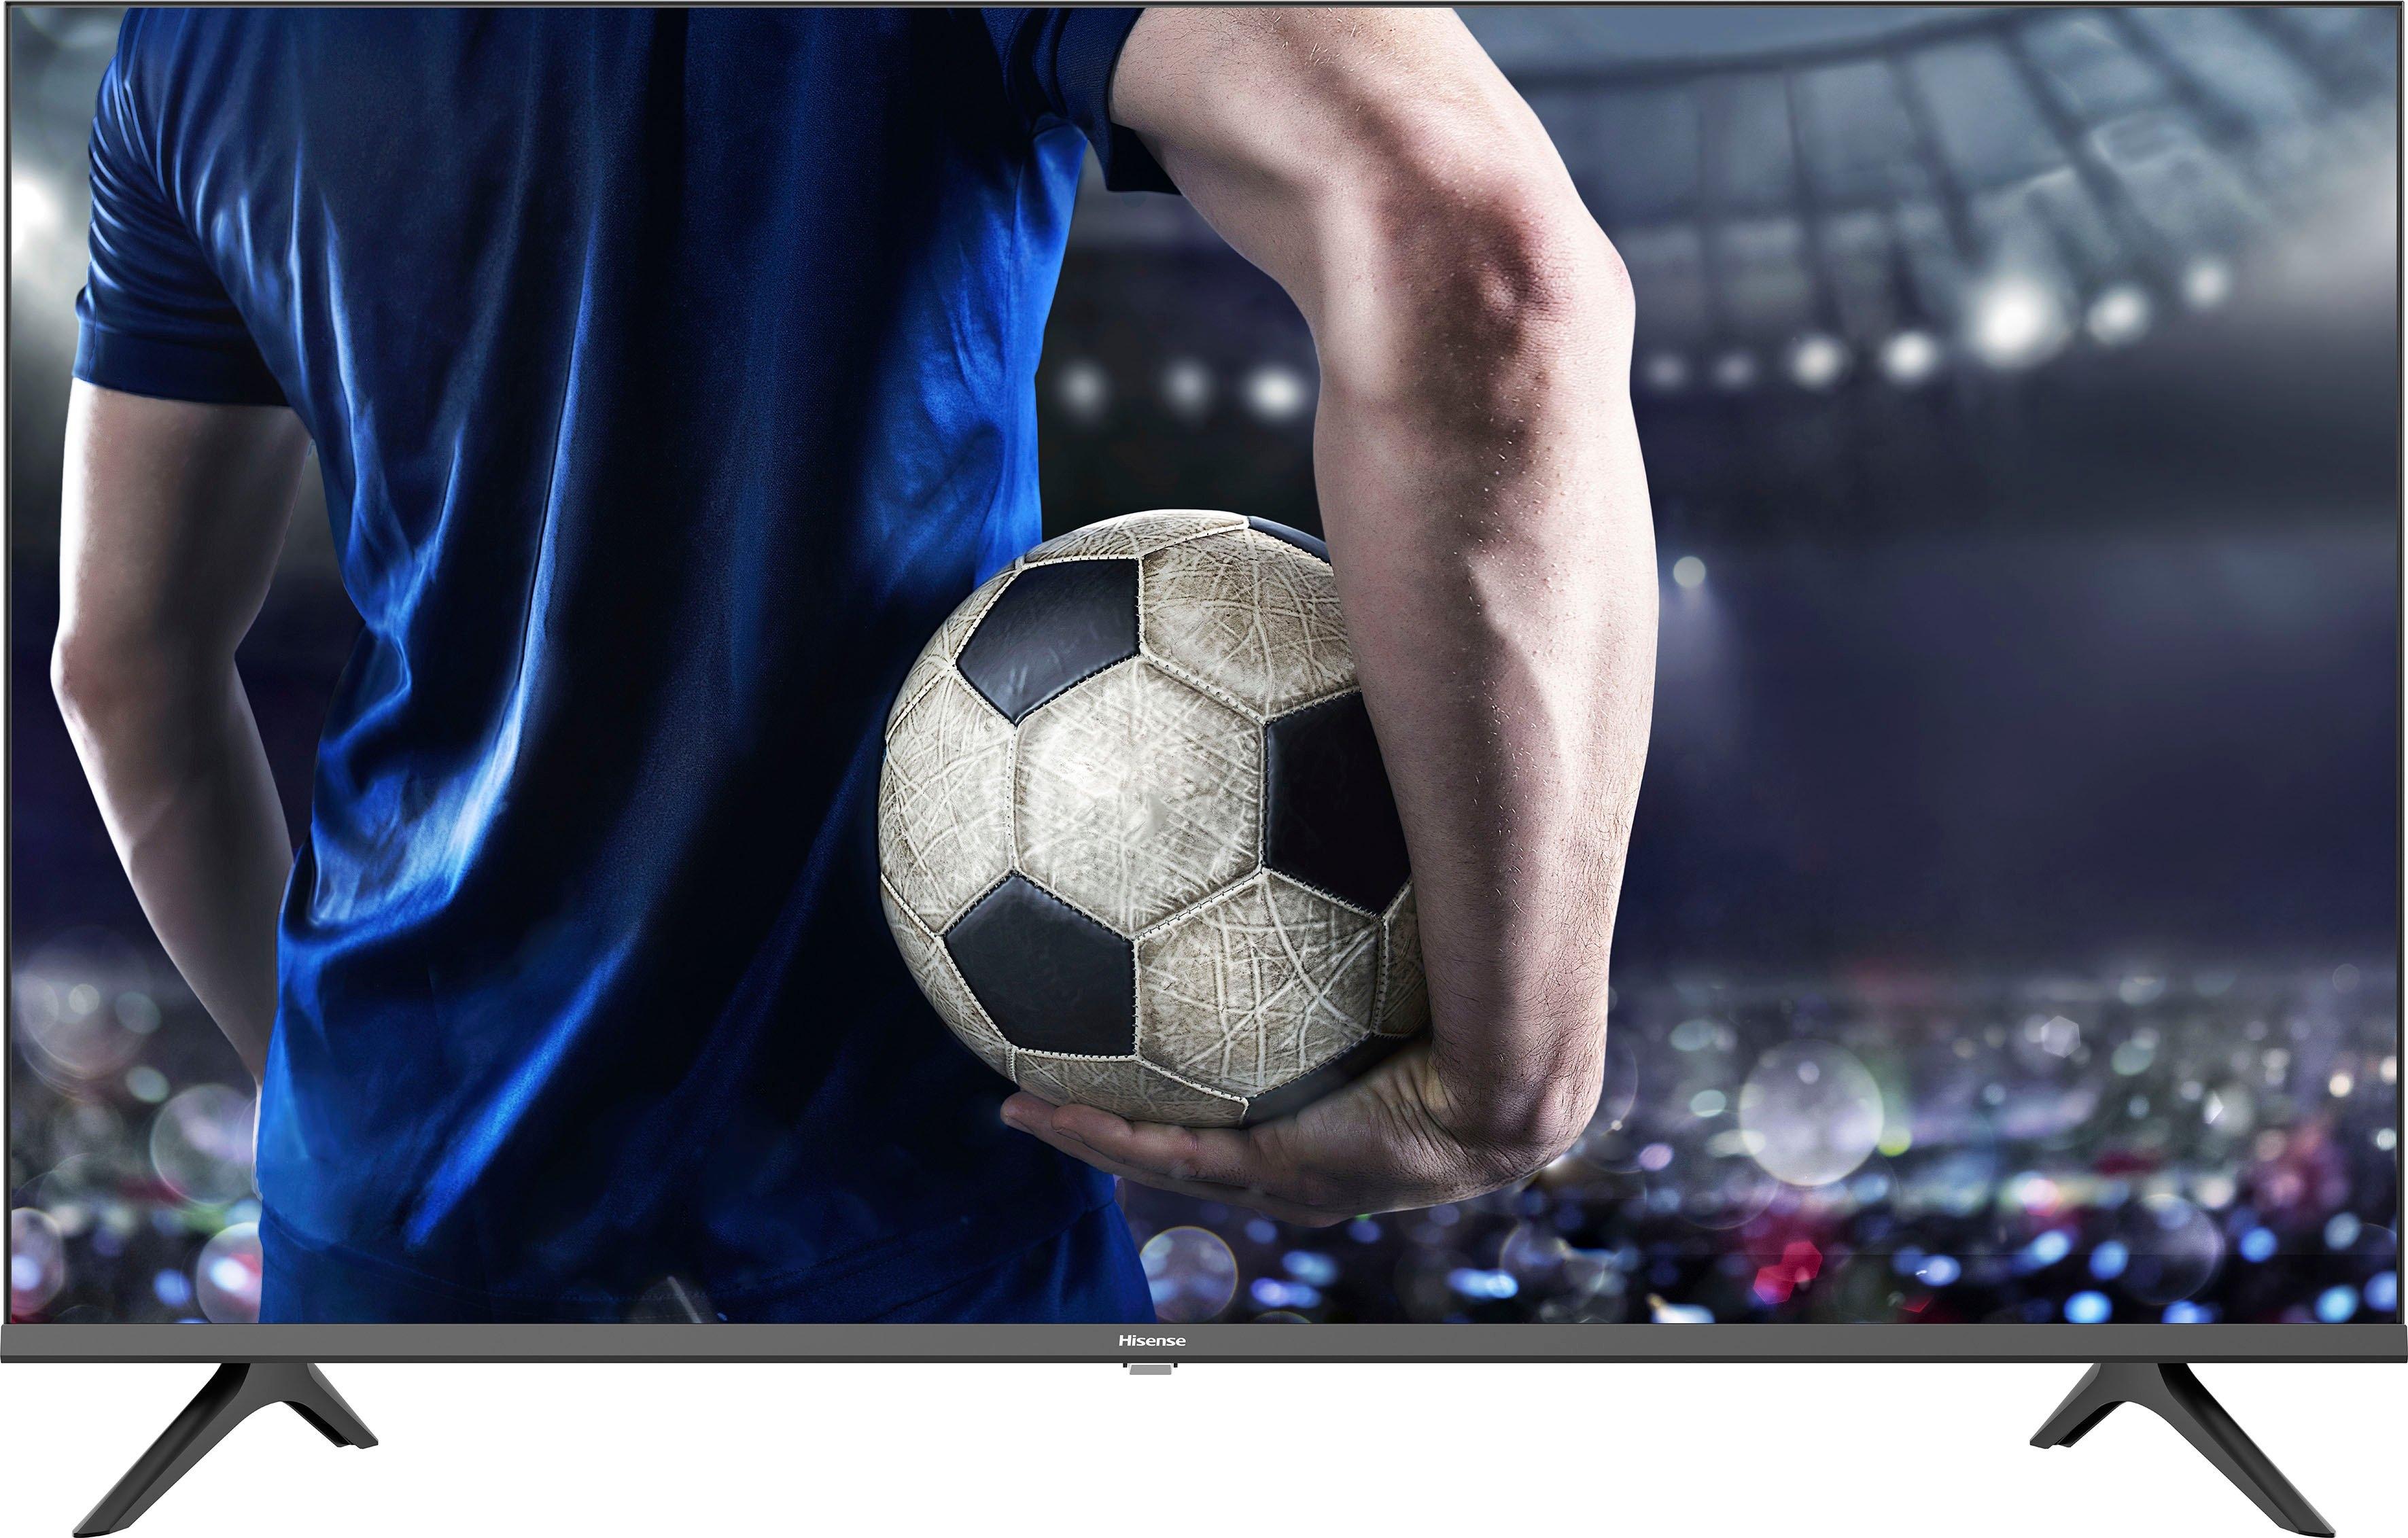 Hisense LED-TV 32AE5500F, 80 cm / 32